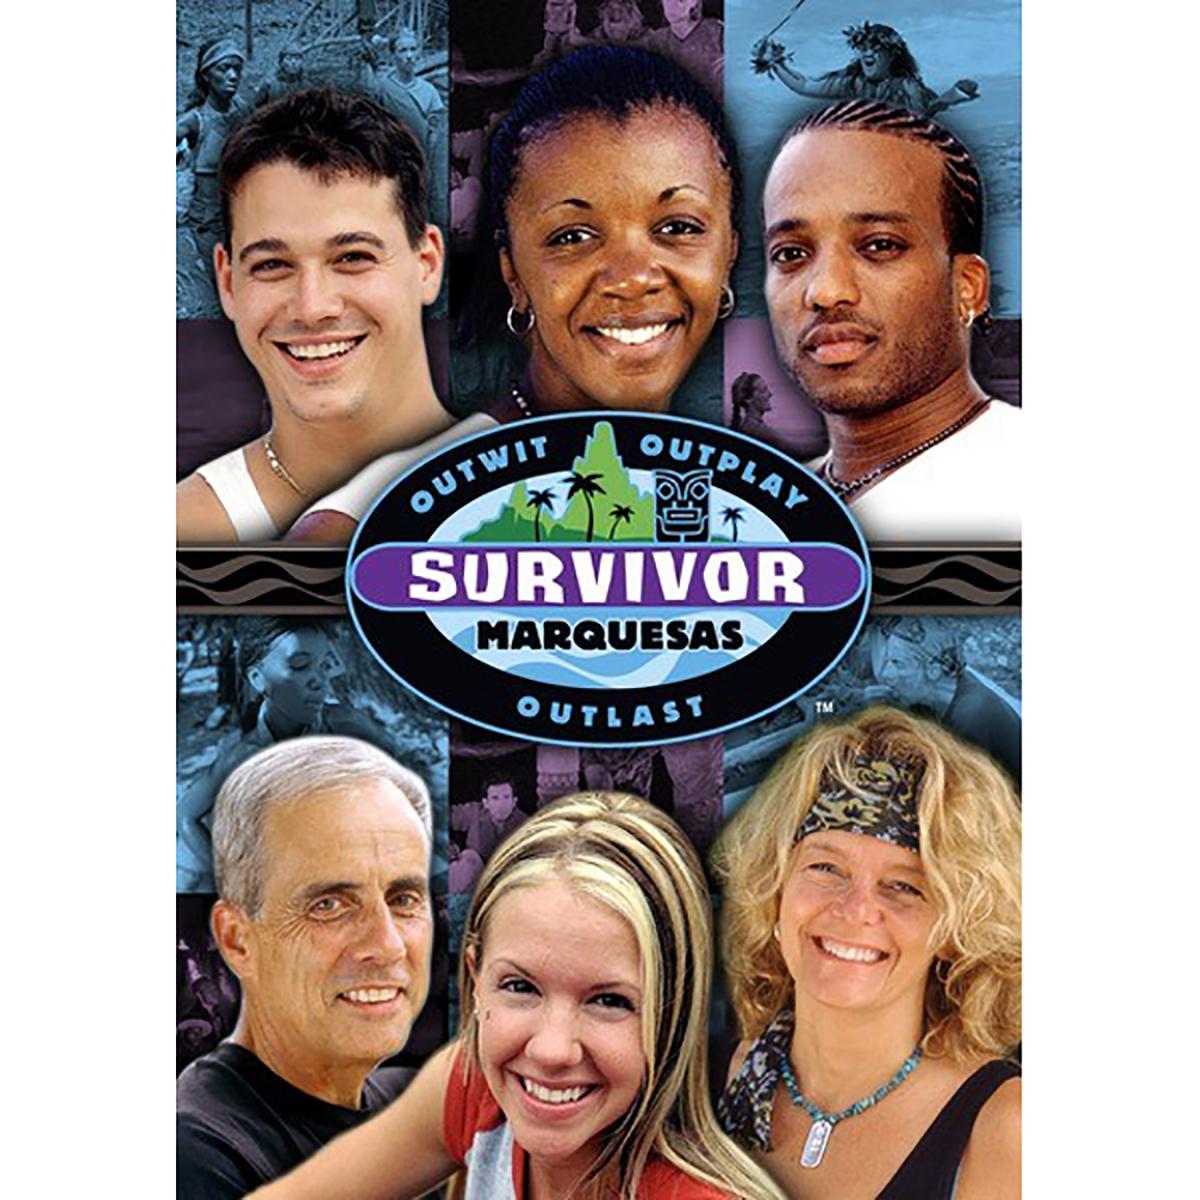 Survivor: Season 4 - Marquesas DVD